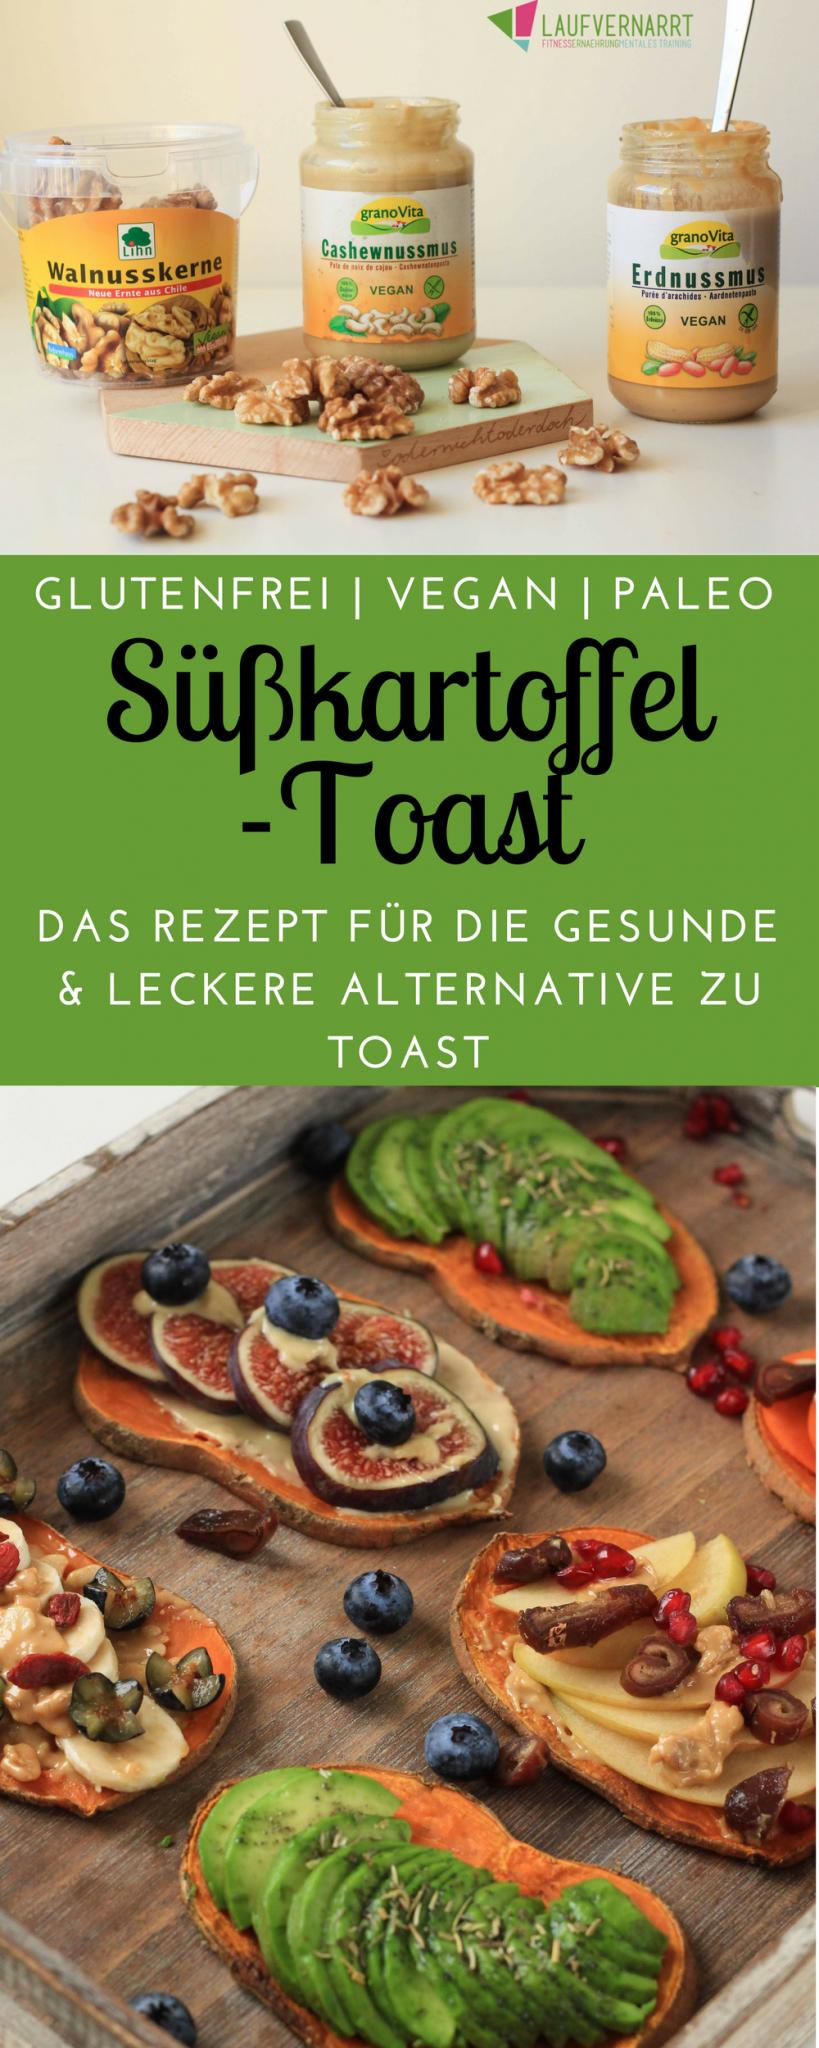 Toast di patate dolci – l'alternativa salutare e senza glutine al toast – che cola